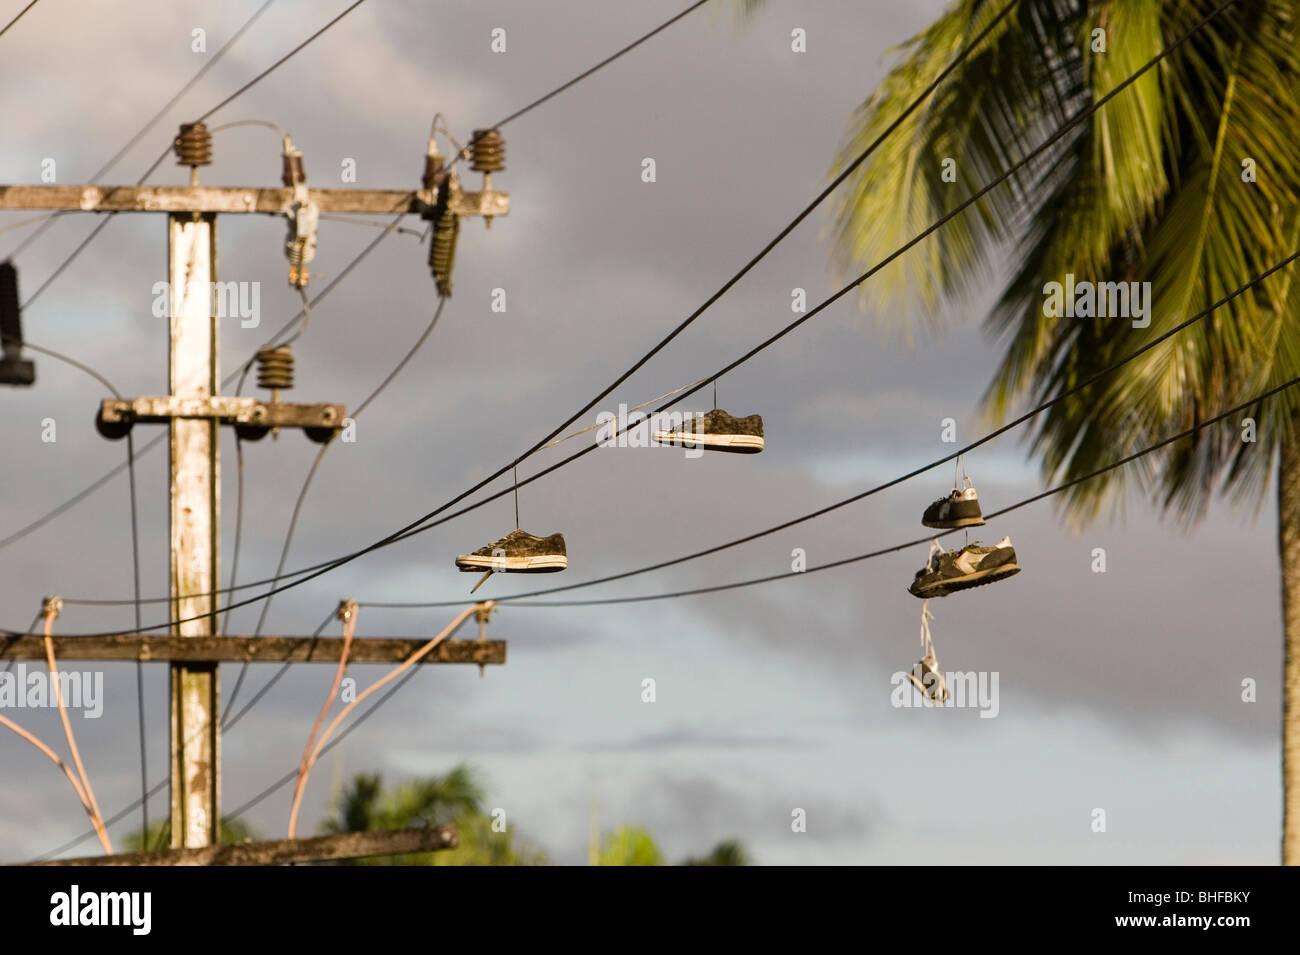 Un Sur Soir Fil Lumière La Du Électrique Dans Suspendues Chaussures SzpGqUVM